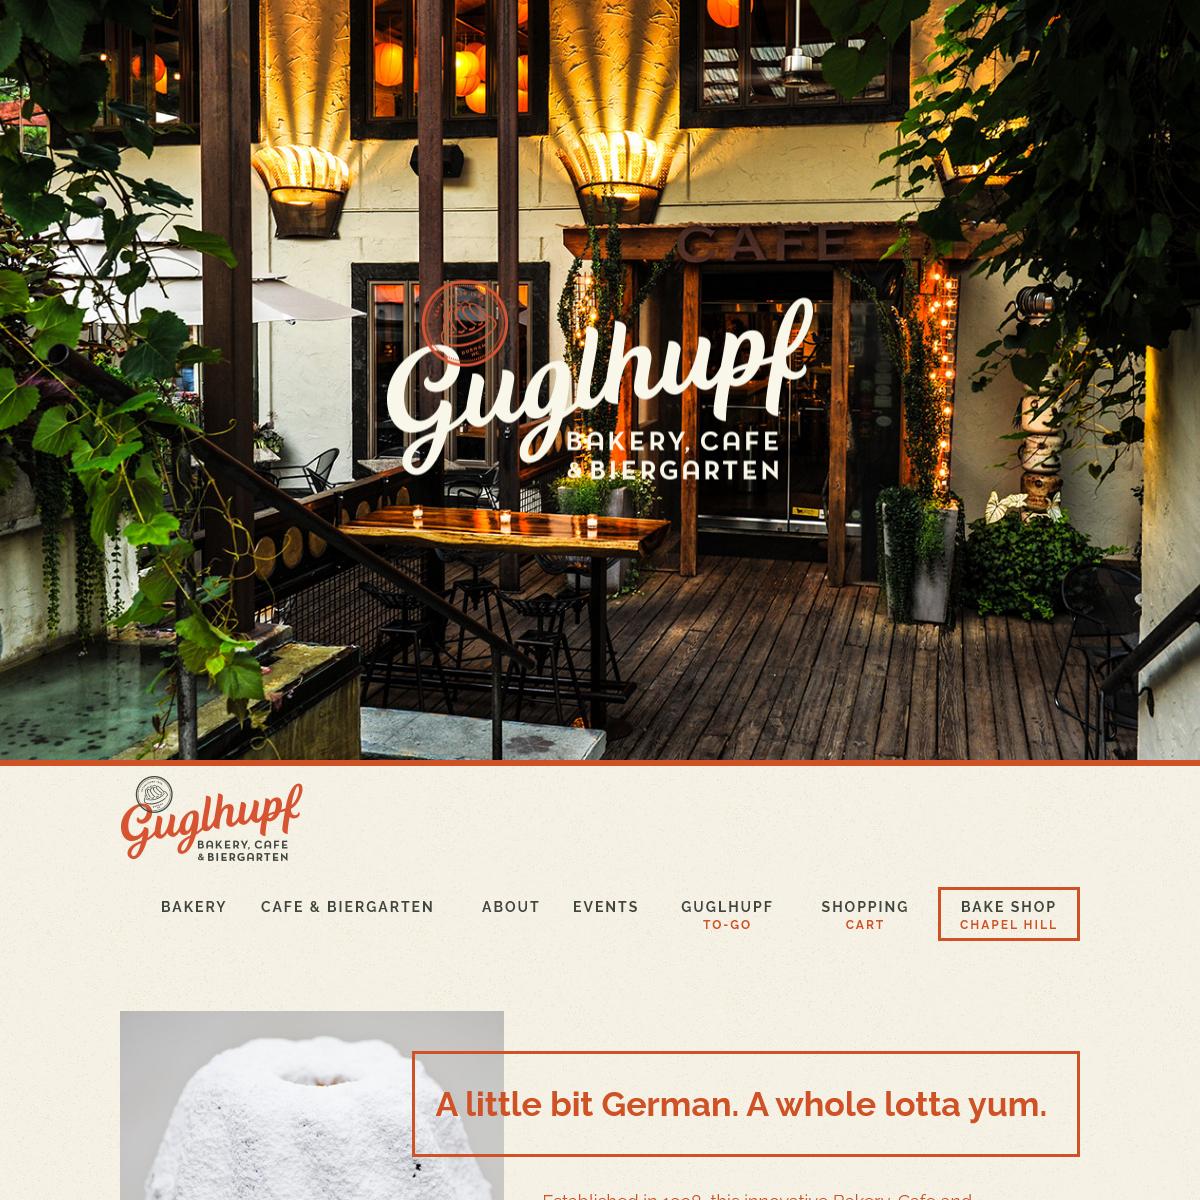 Guglhupf - Artisan Bakery, Cafe, Biergarten Durham NC